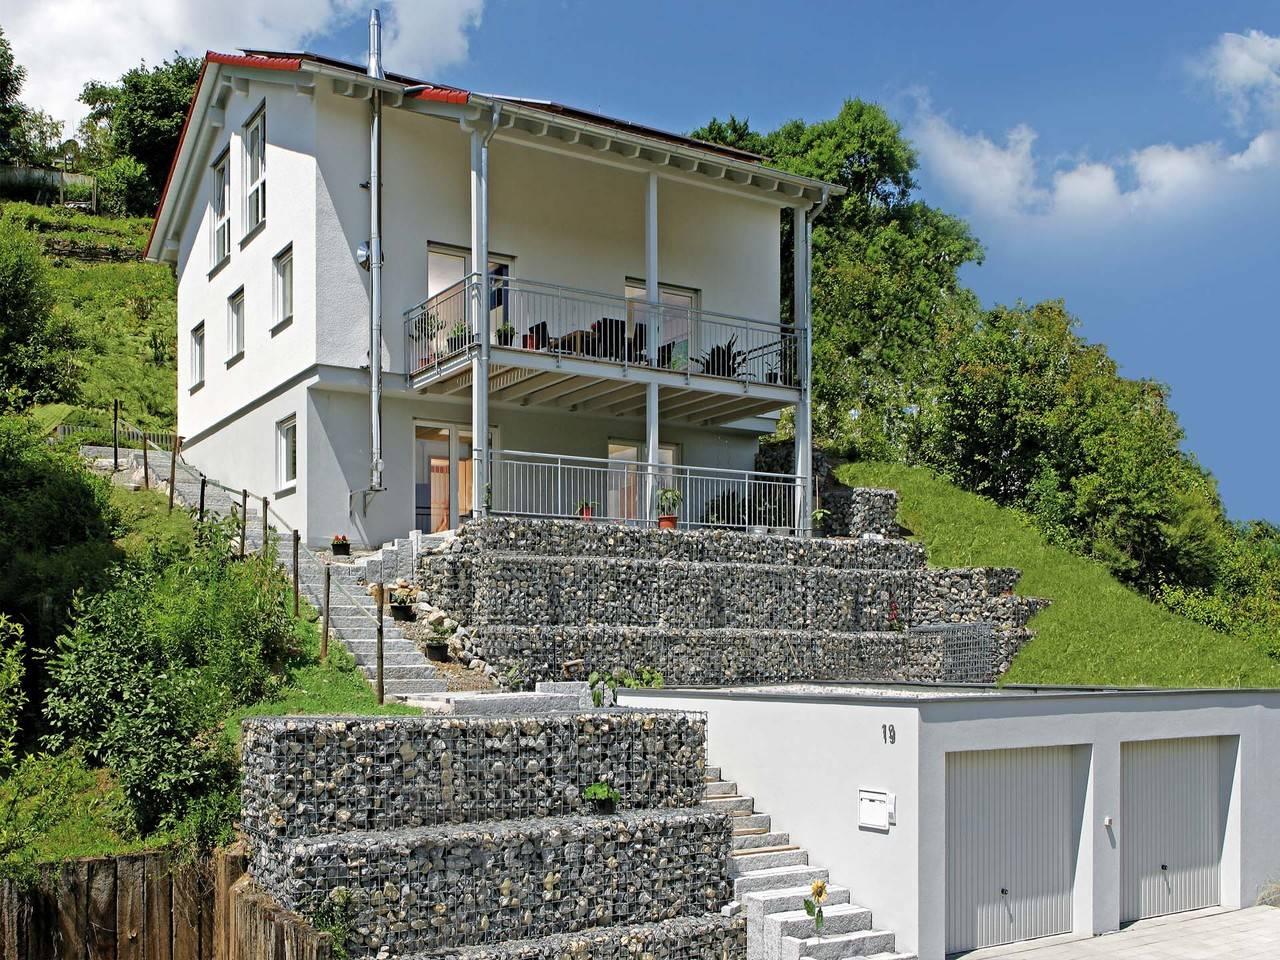 Fertighaus Weiss Mehrgenerationenhaus Vollmer-Kientsch